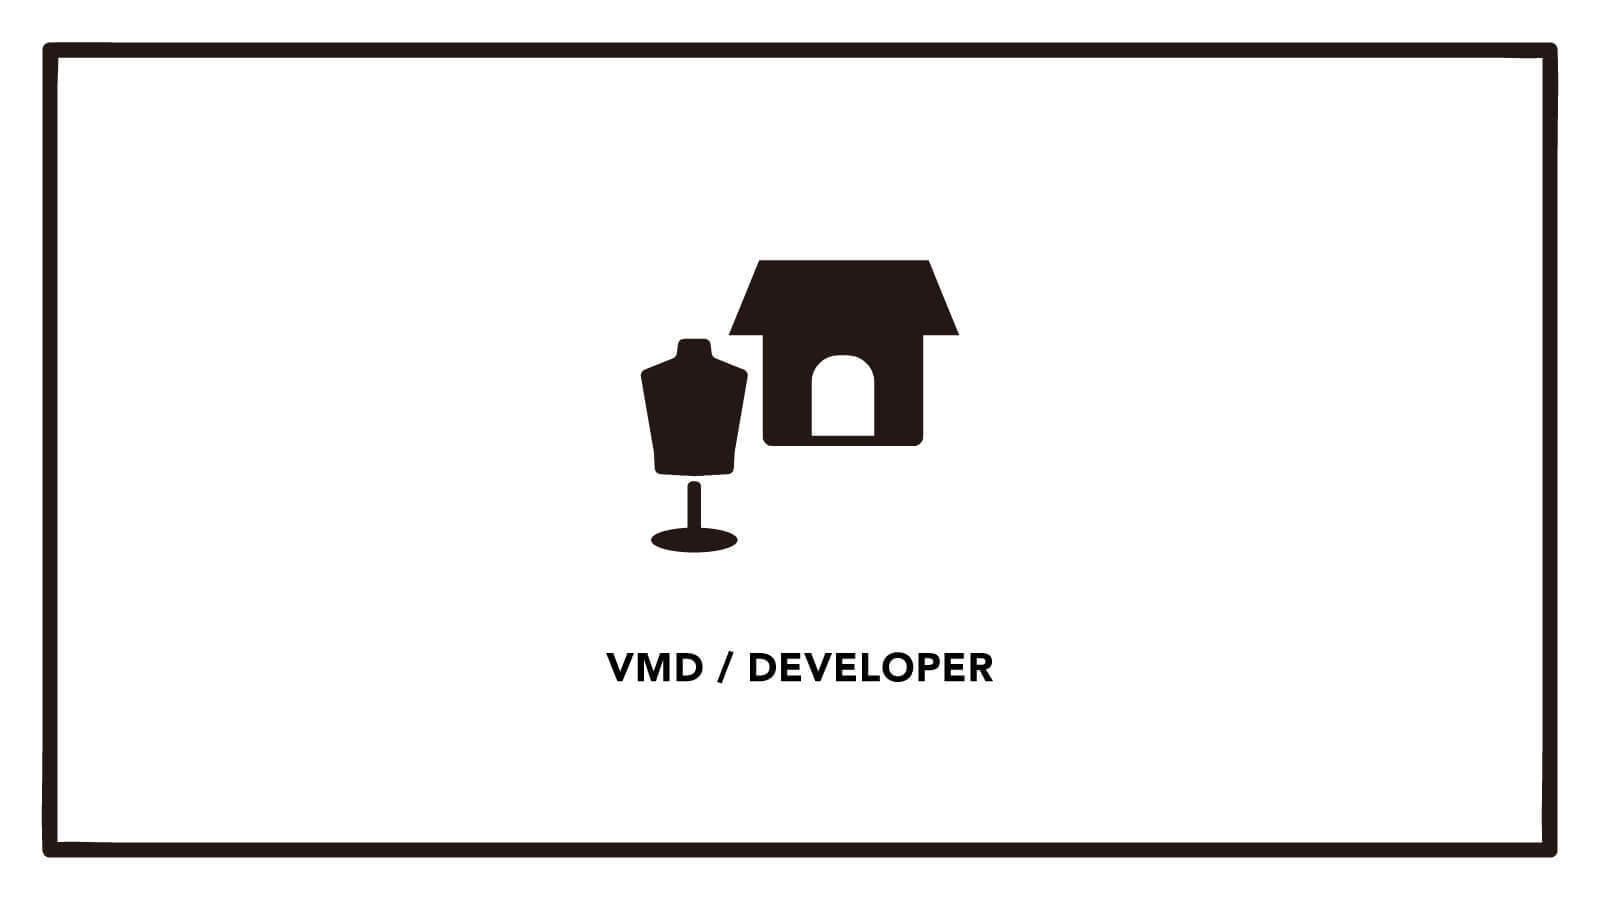 【VMD募集!】経験者募集!大手グループ企業勤務のカバー写真